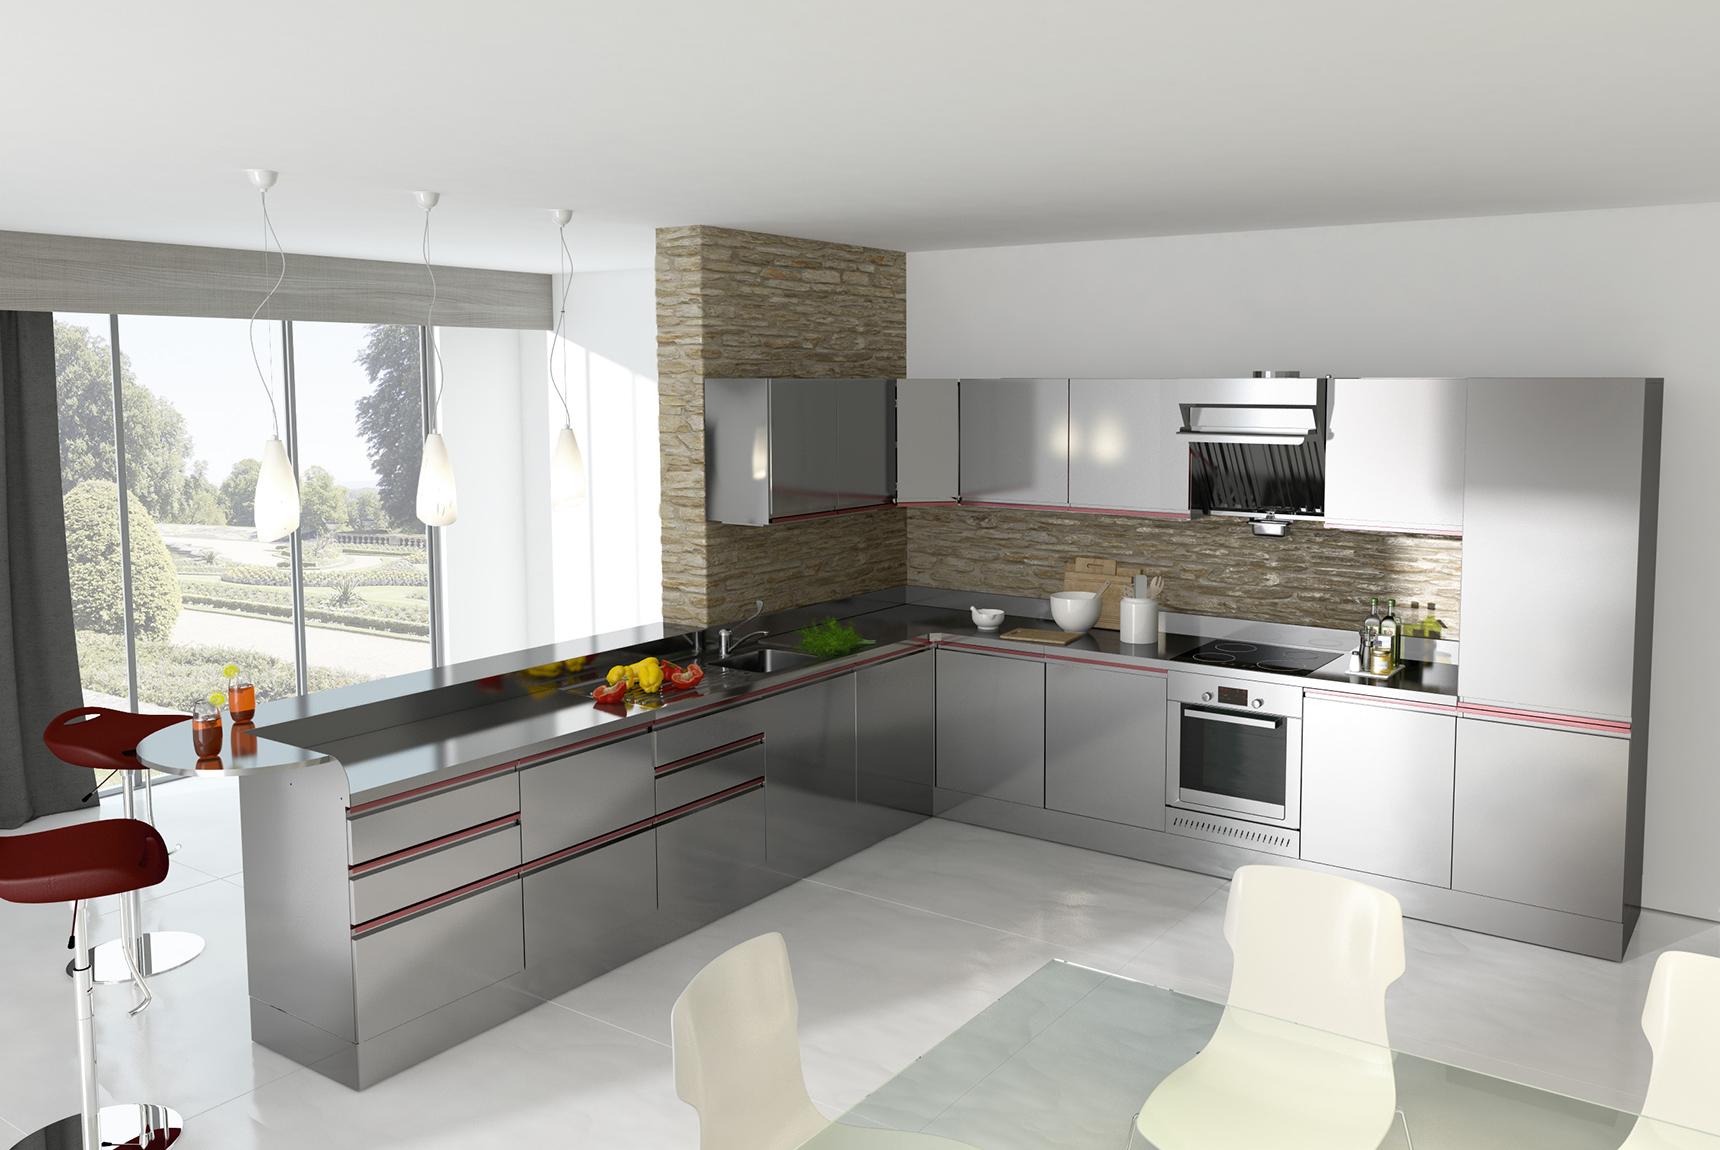 Cucine industriali da casa rf29 regardsdefemmes - Cucine professionali da casa ...